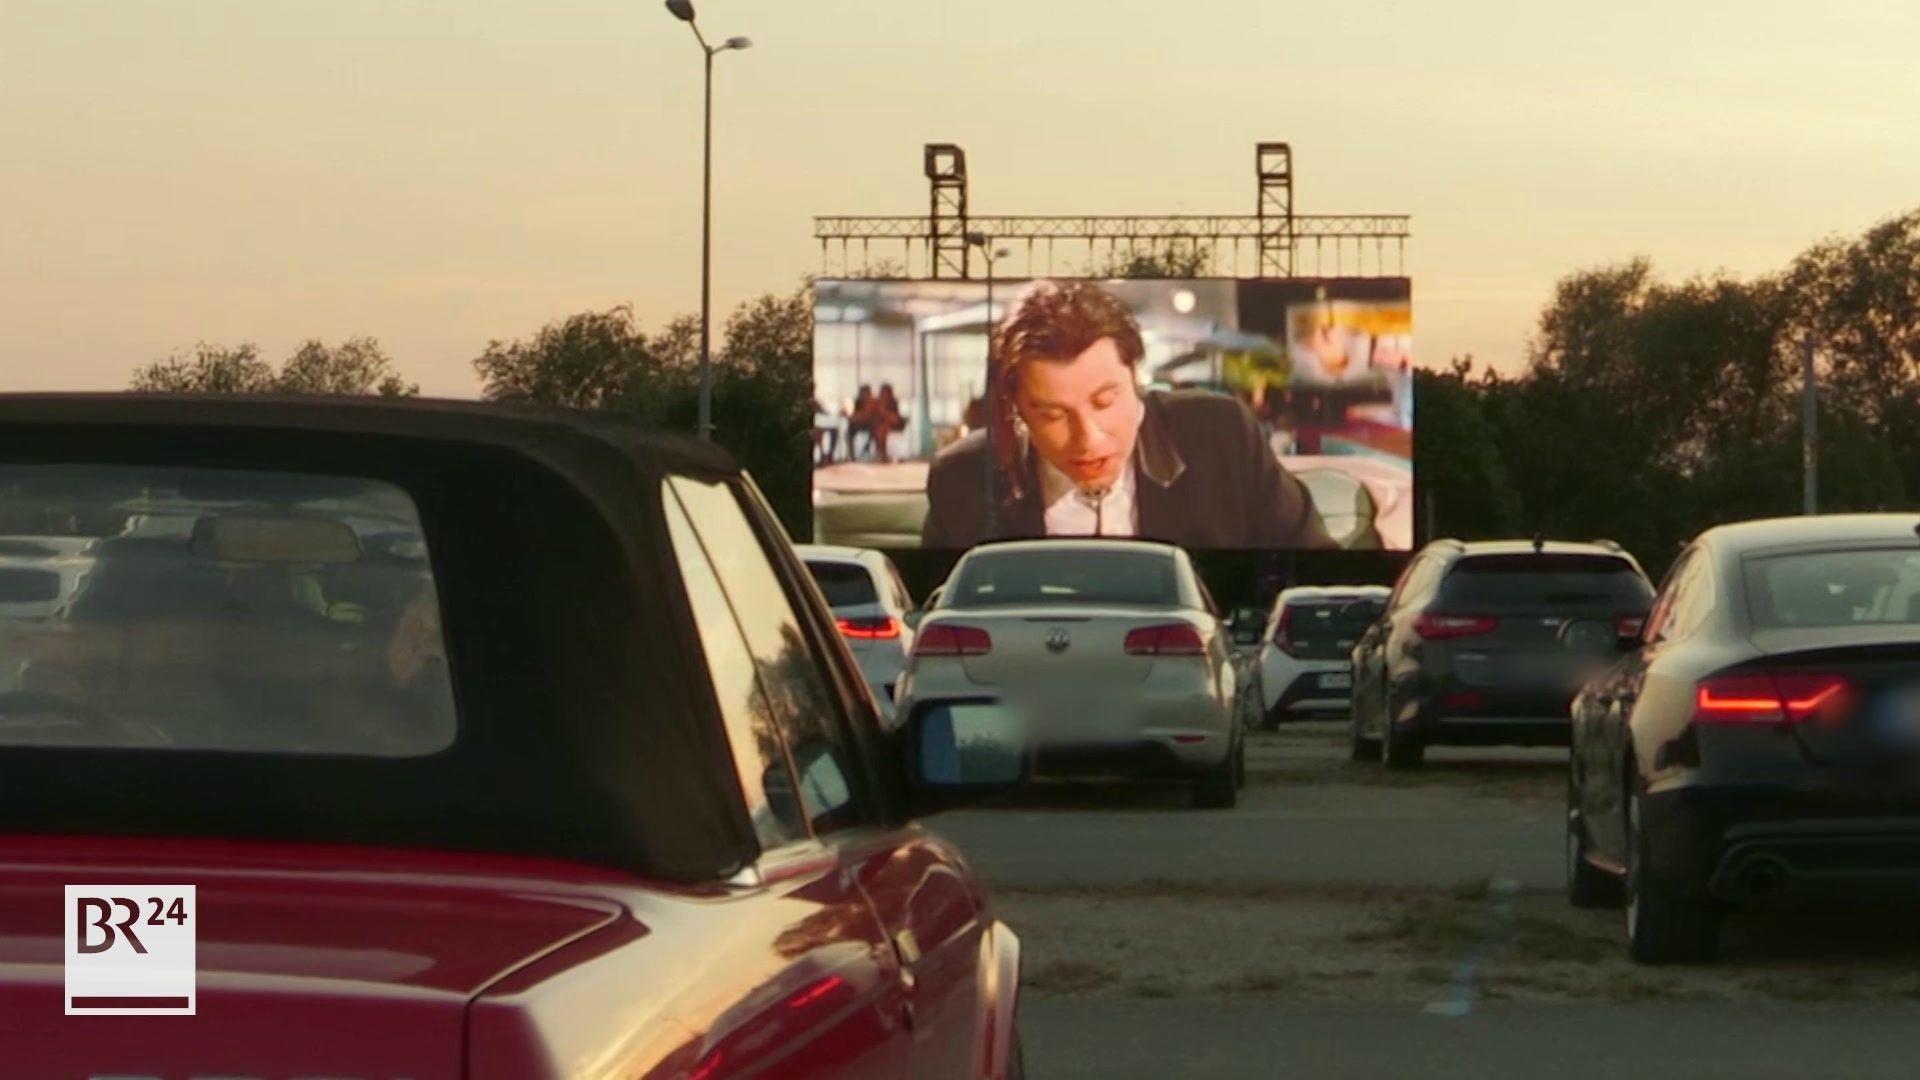 """Autos vor einer Leinwand, auf der John Travolta in """"Pulp Fiction"""" zu sehen ist"""